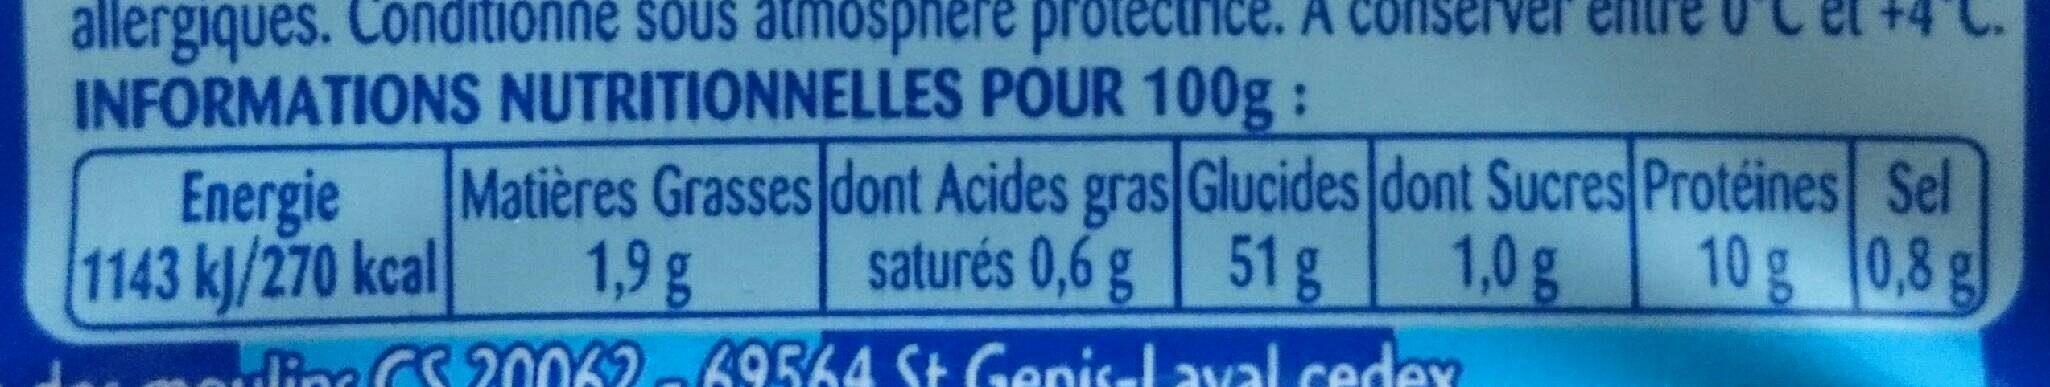 Tagliatelles aux oeufs frais - Nutrition facts